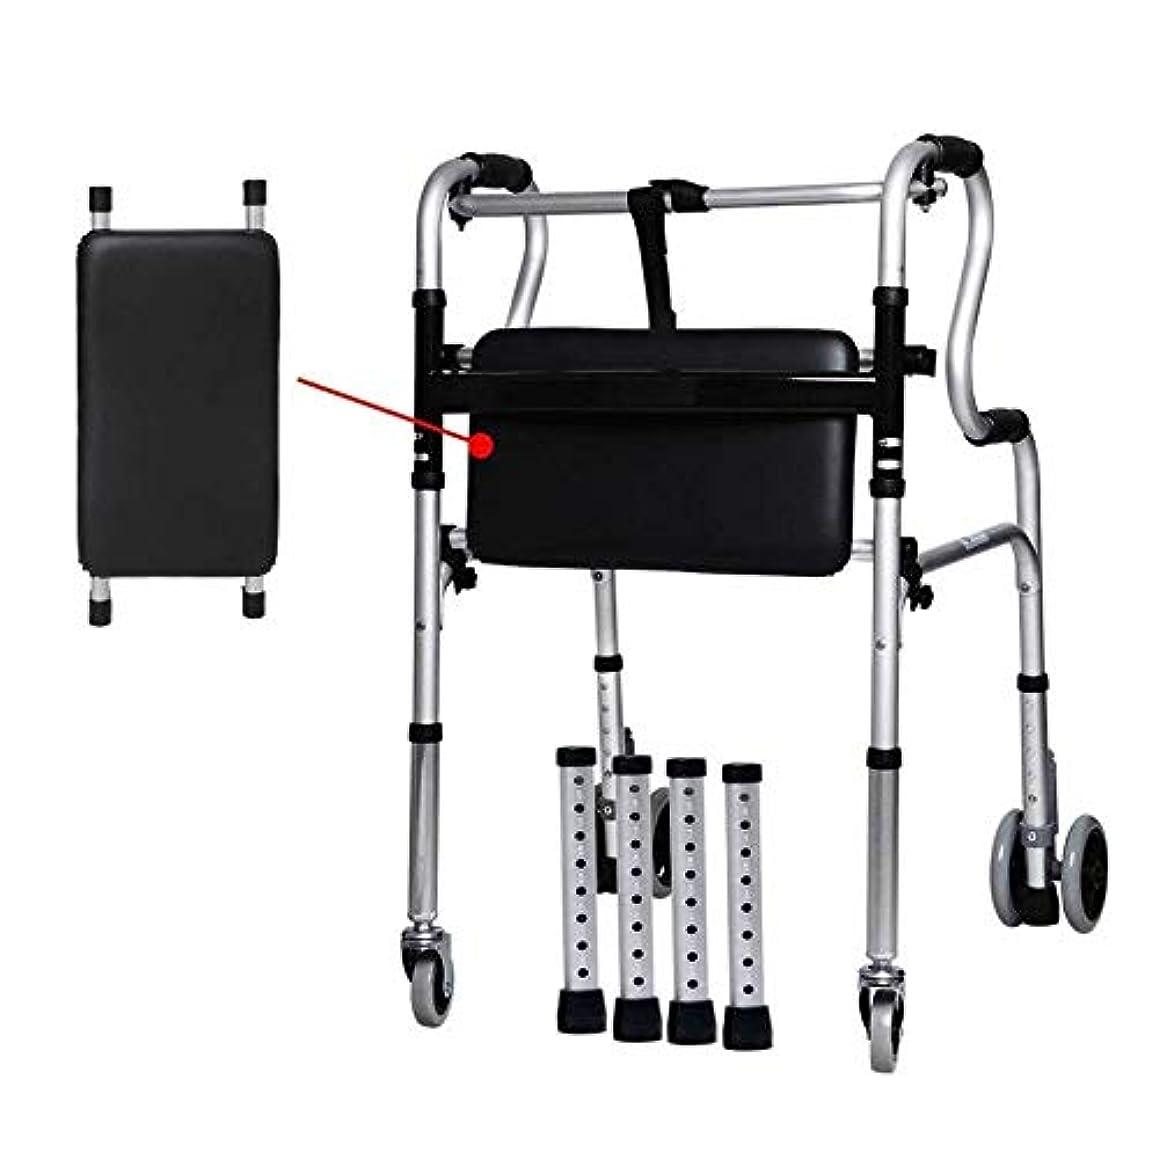 オフ子供時代移住する車輪が付いている折る歩行者、不具の高齢者のためのロックできるブレーキが付いている軽いアルミ合金4輪歩行者